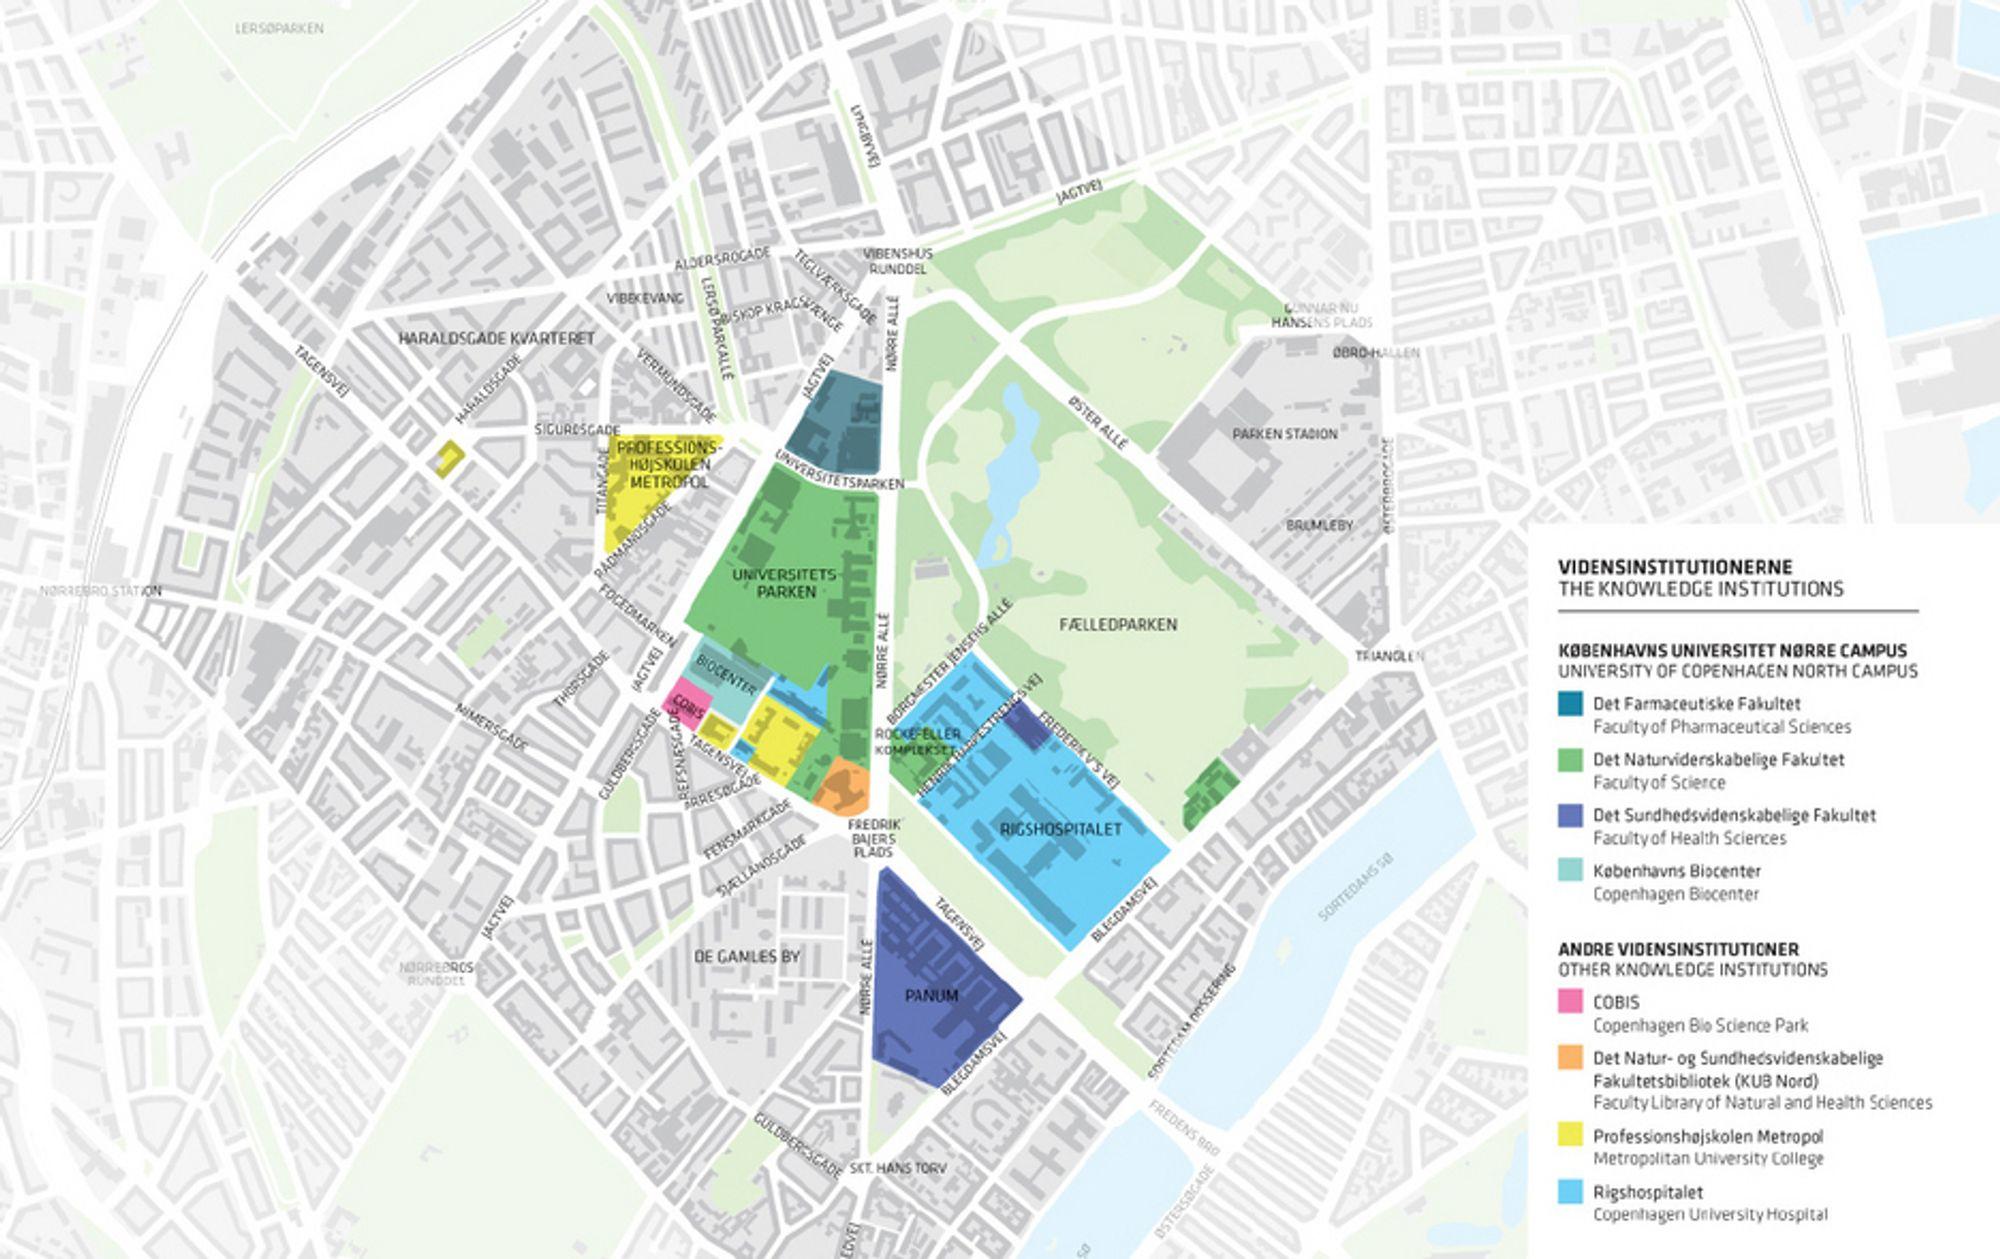 københavn sentrum kart København bygger egen vitenbydel   Tu.no københavn sentrum kart